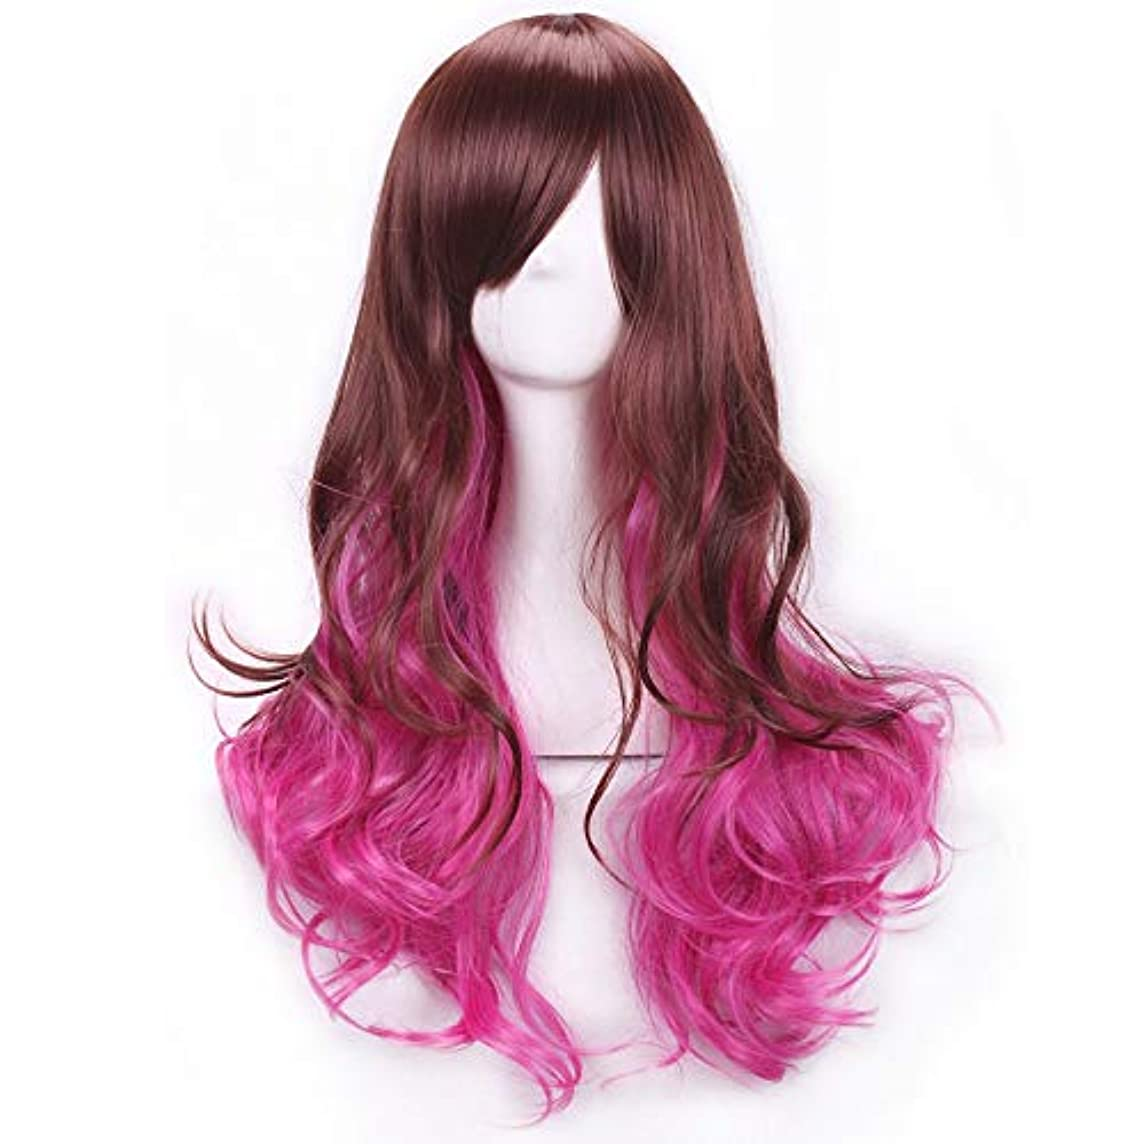 放送昇進中かつらキャップでかつらファンシードレスカールかつら女性用高品質合成毛髪コスプレ高密度かつら女性&女の子用ブラウン、ピンク、パープル (Color : ピンク)